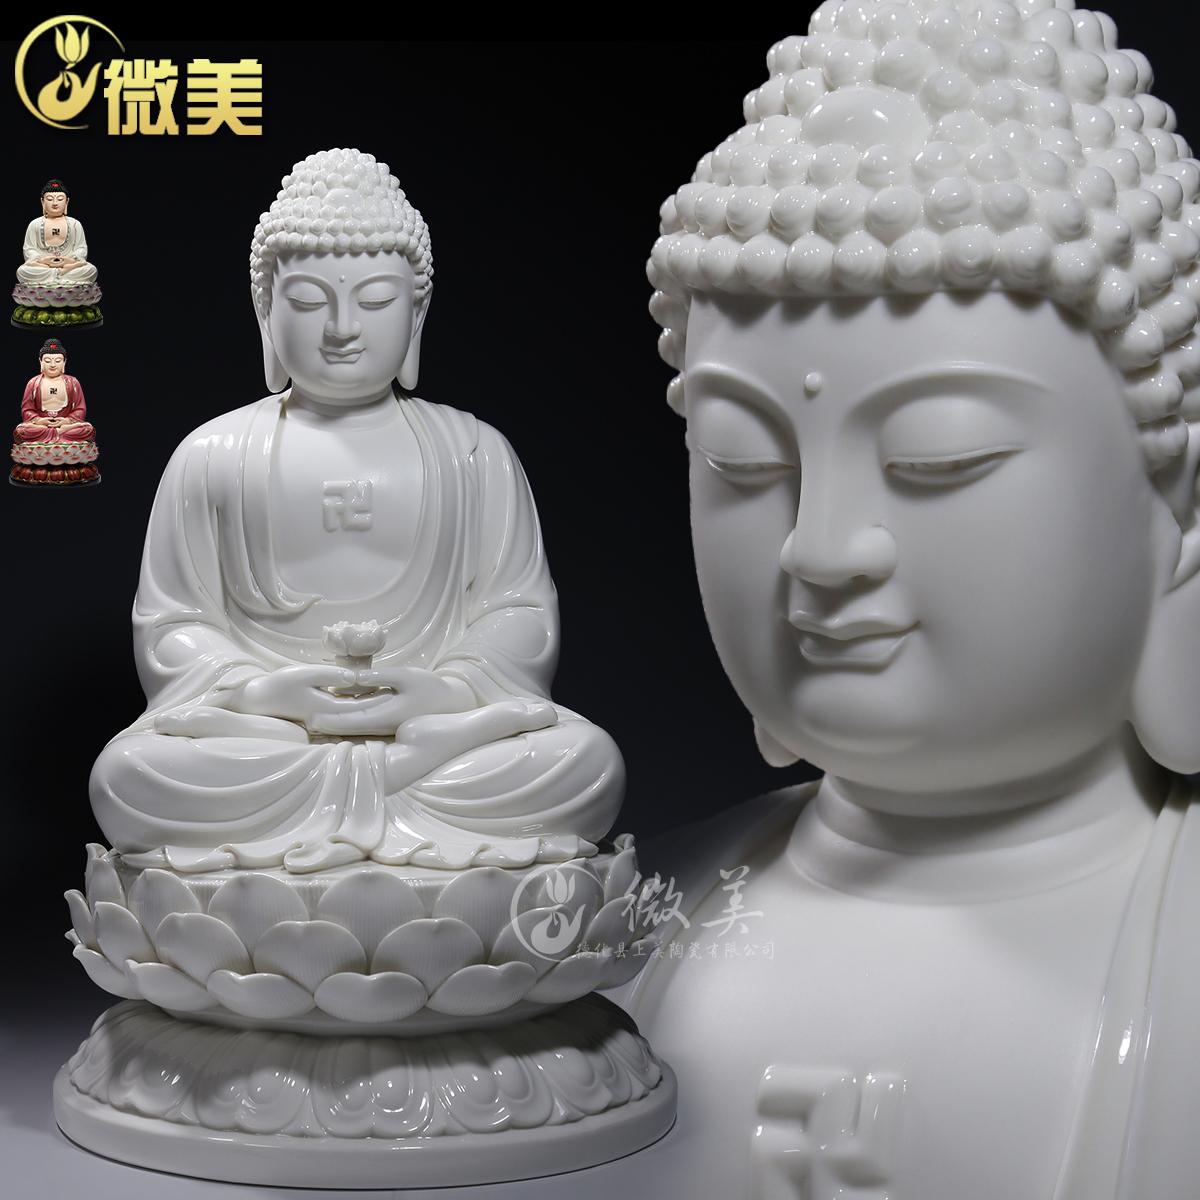 10至19�既�宝佛如来佛像供奉阿弥陀佛释迦牟尼佛祖药师佛陶瓷摆件